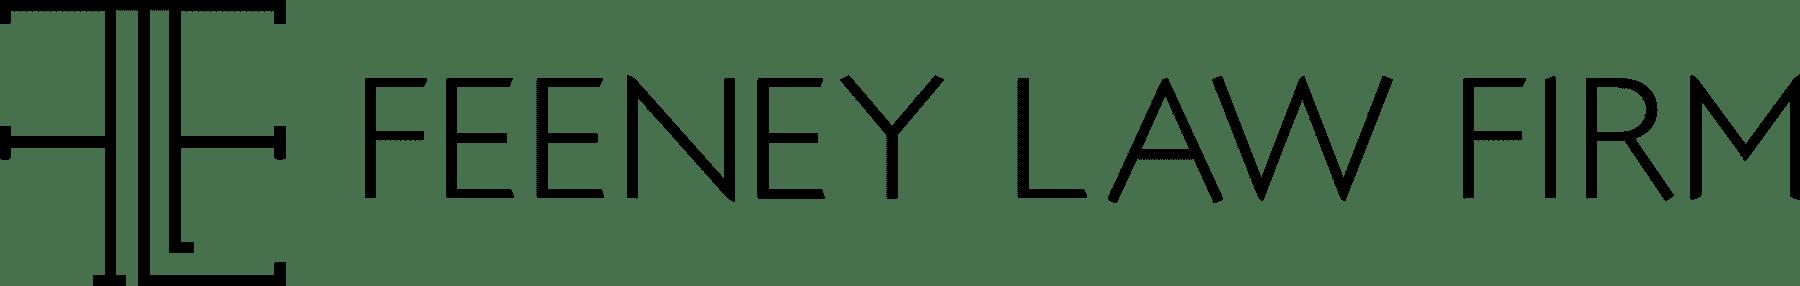 Feeney Law Firm